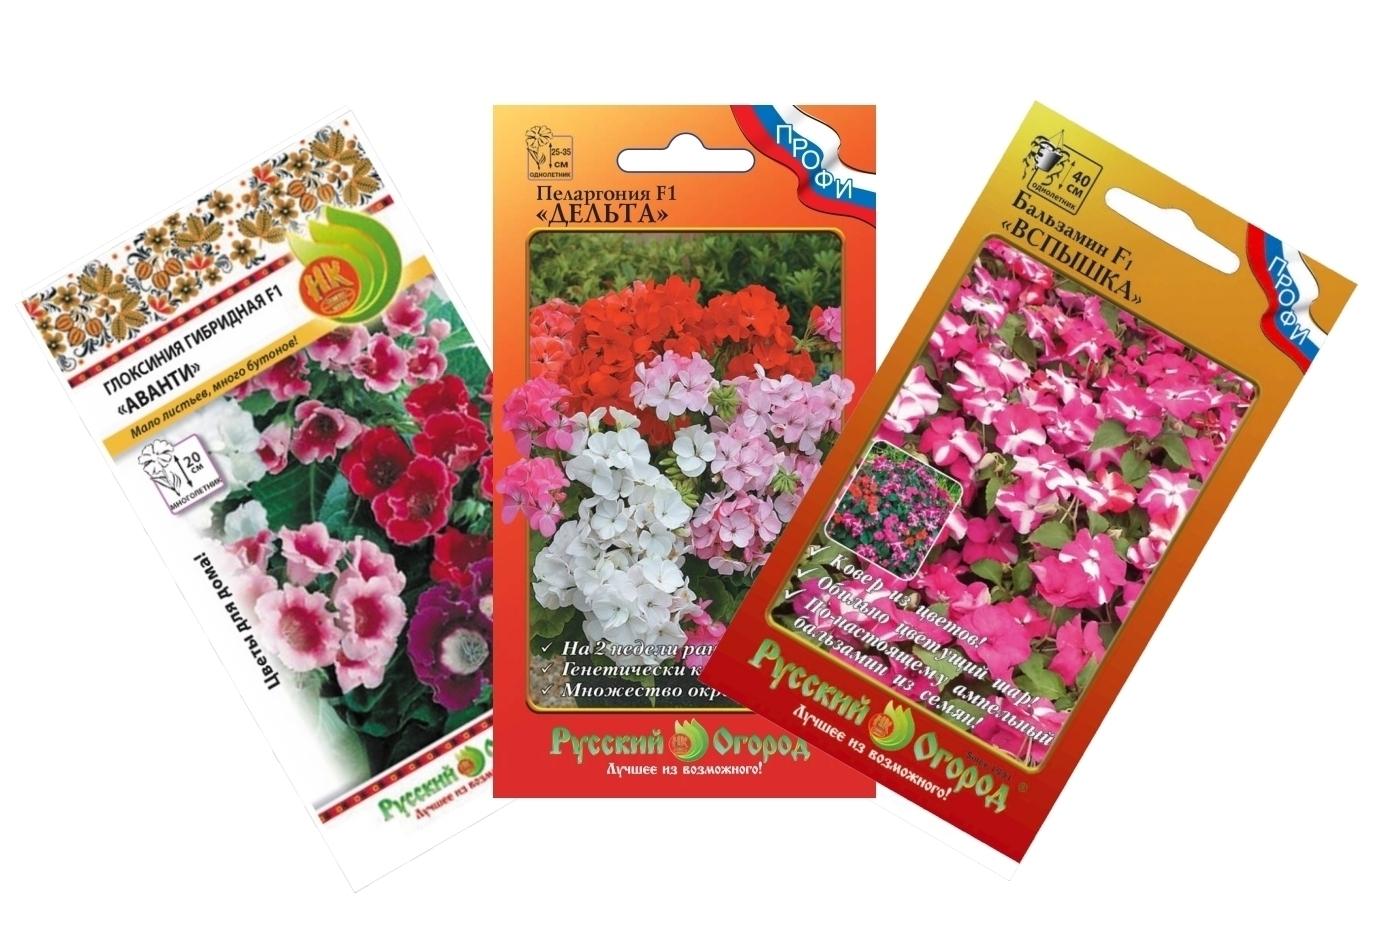 Семена Домашних Цветов Интернет Магазин Каталог Товаров